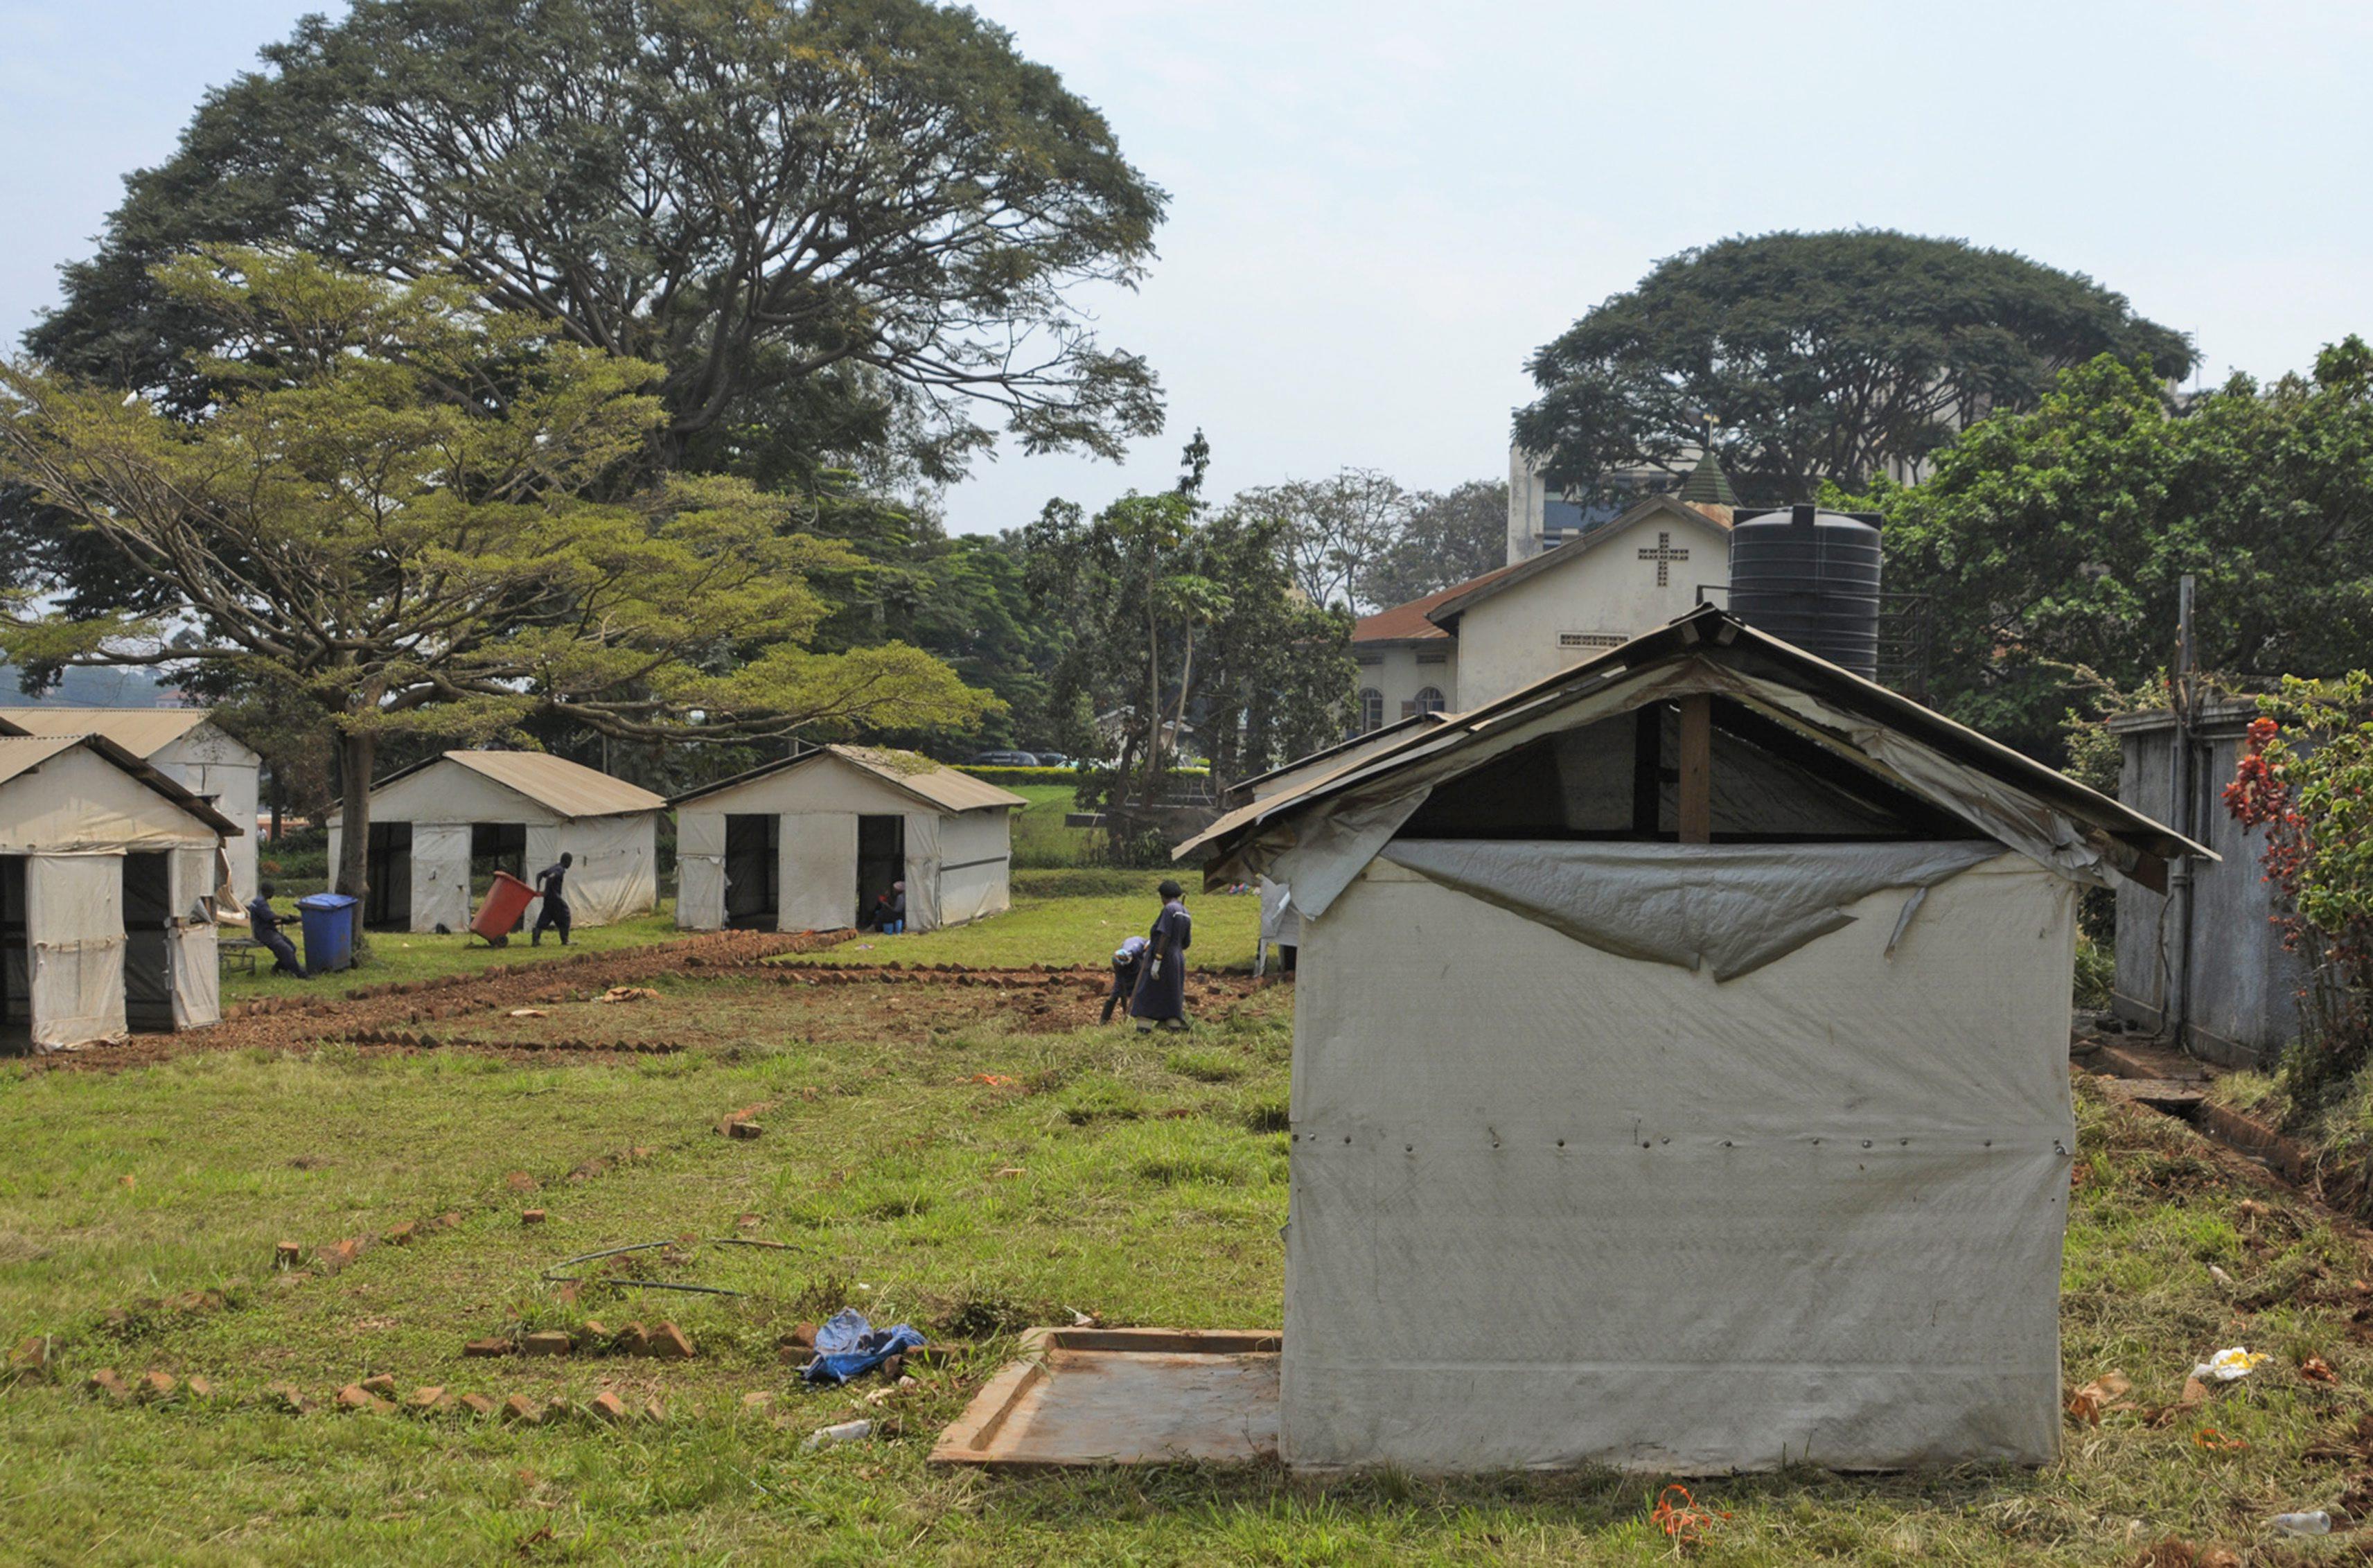 Ουγκάντα: Μάχη των Γιατρών Χωρίς Σύνορα κατά της επιδημίας Έμπολα